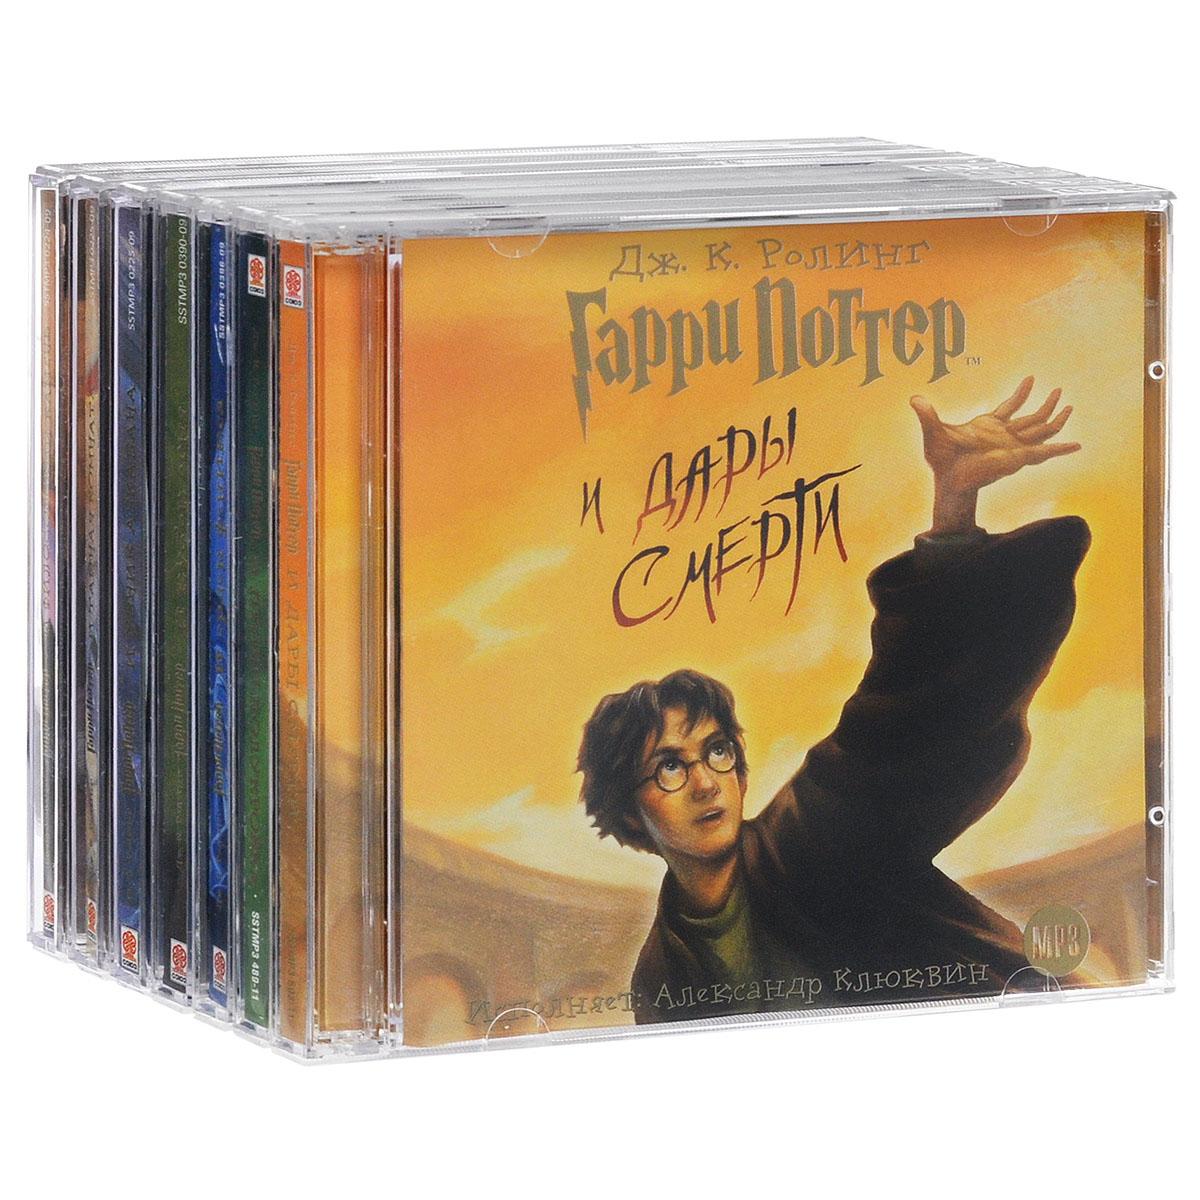 Гарри Поттер. Полное собрание аудиокниг (комплект из 7 аудиокниг MP3)